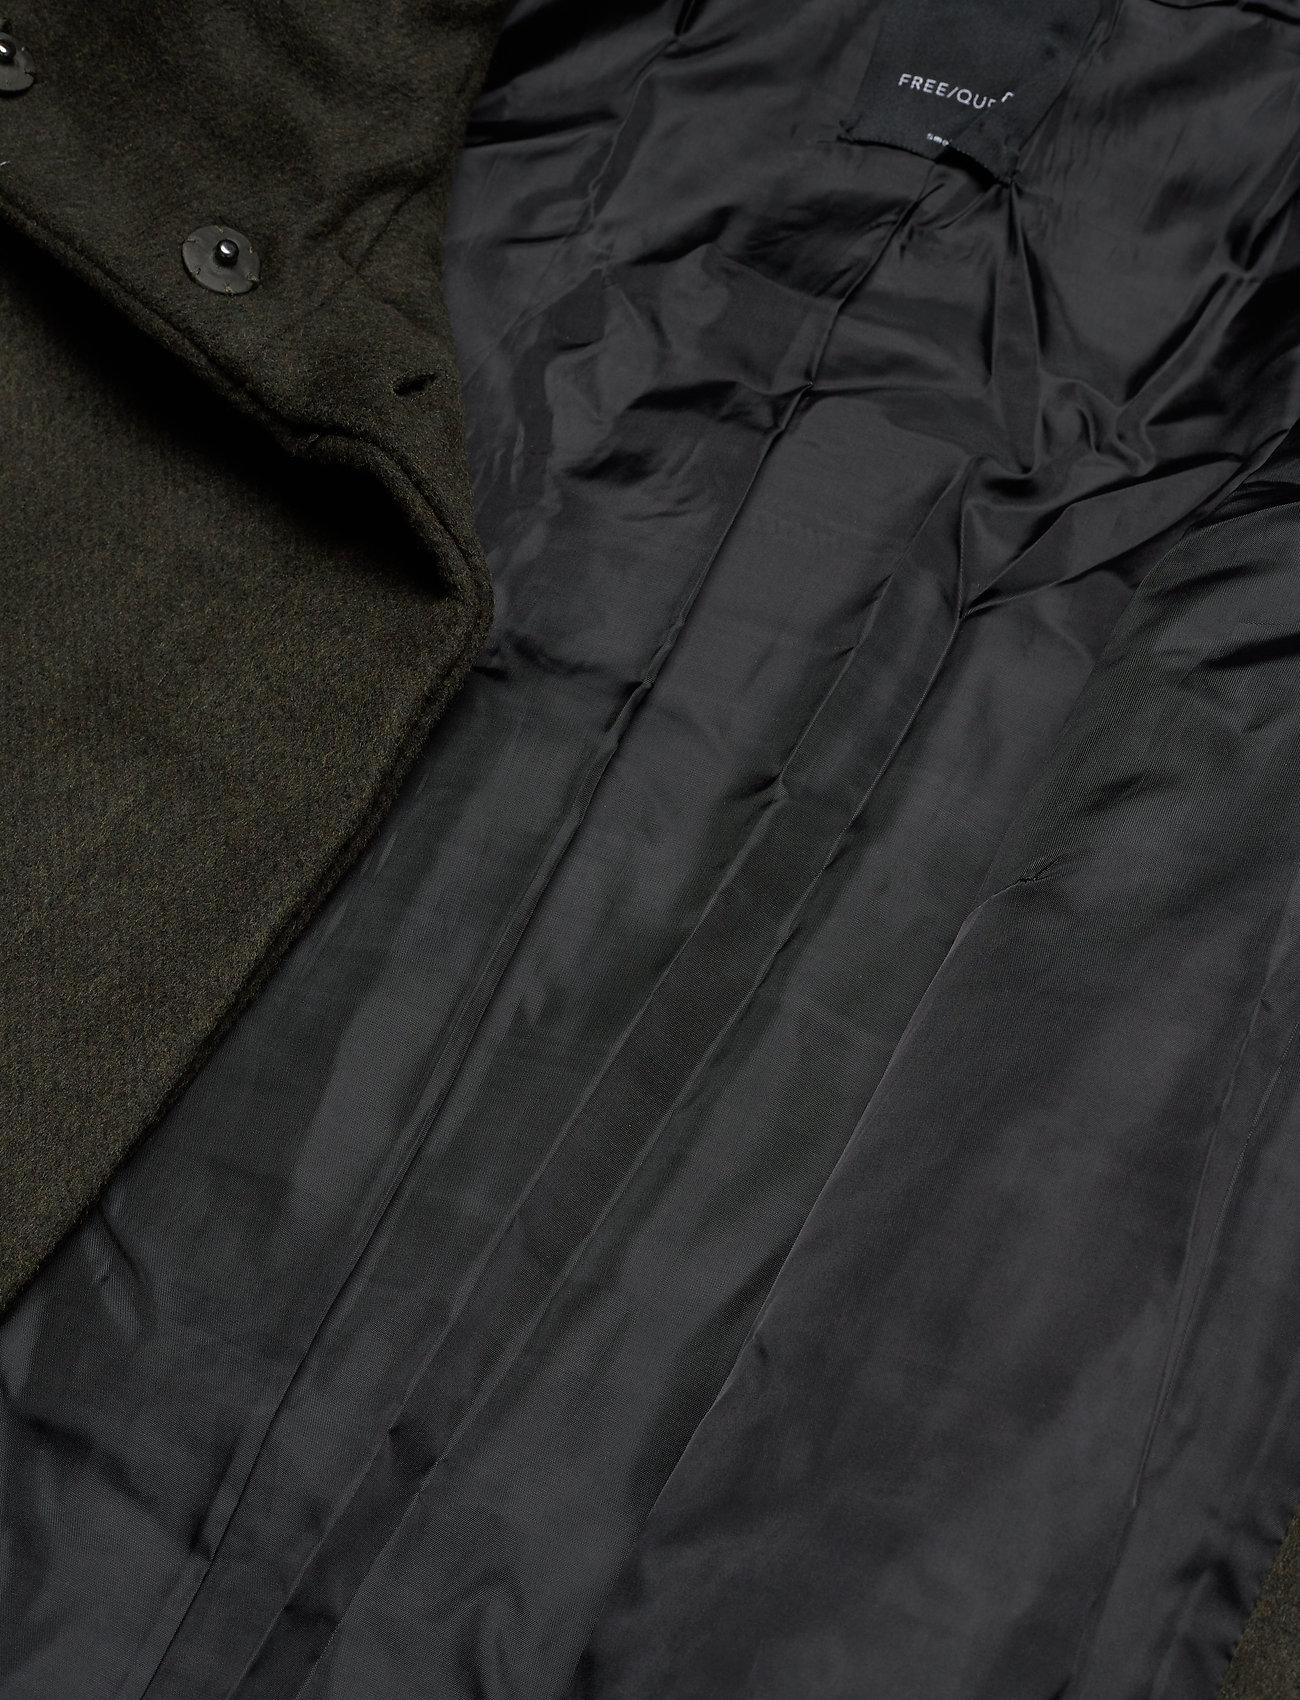 FREE/QUENT DICTE-JA - Kurtki i Płaszcze OLIVE NIGHT AS MACIA-JA - Kobiety Odzież.